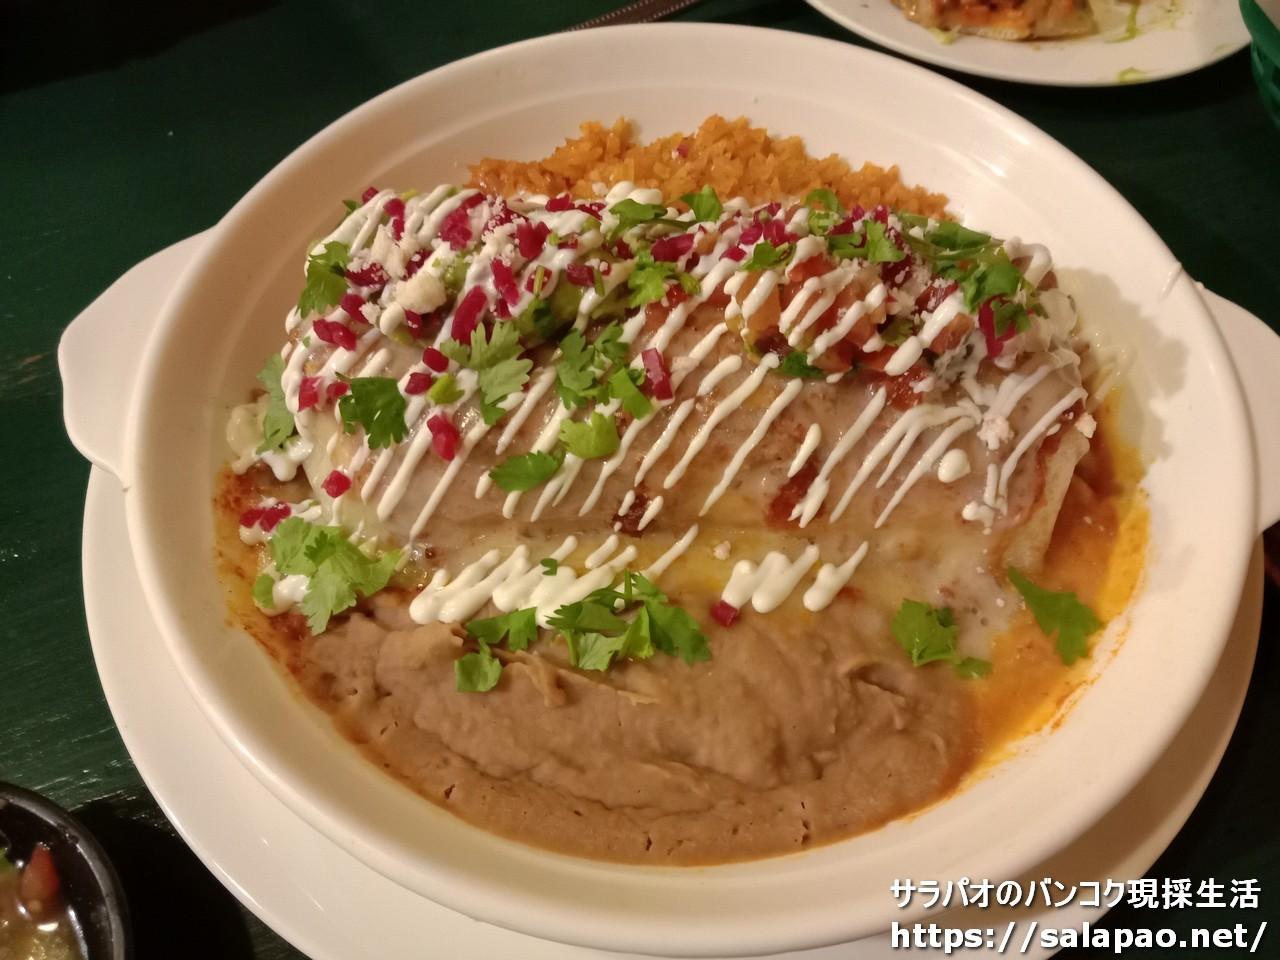 ラ・モニータ・タケリアは在住外国人に人気のメキシコ料理店 in プルンチット